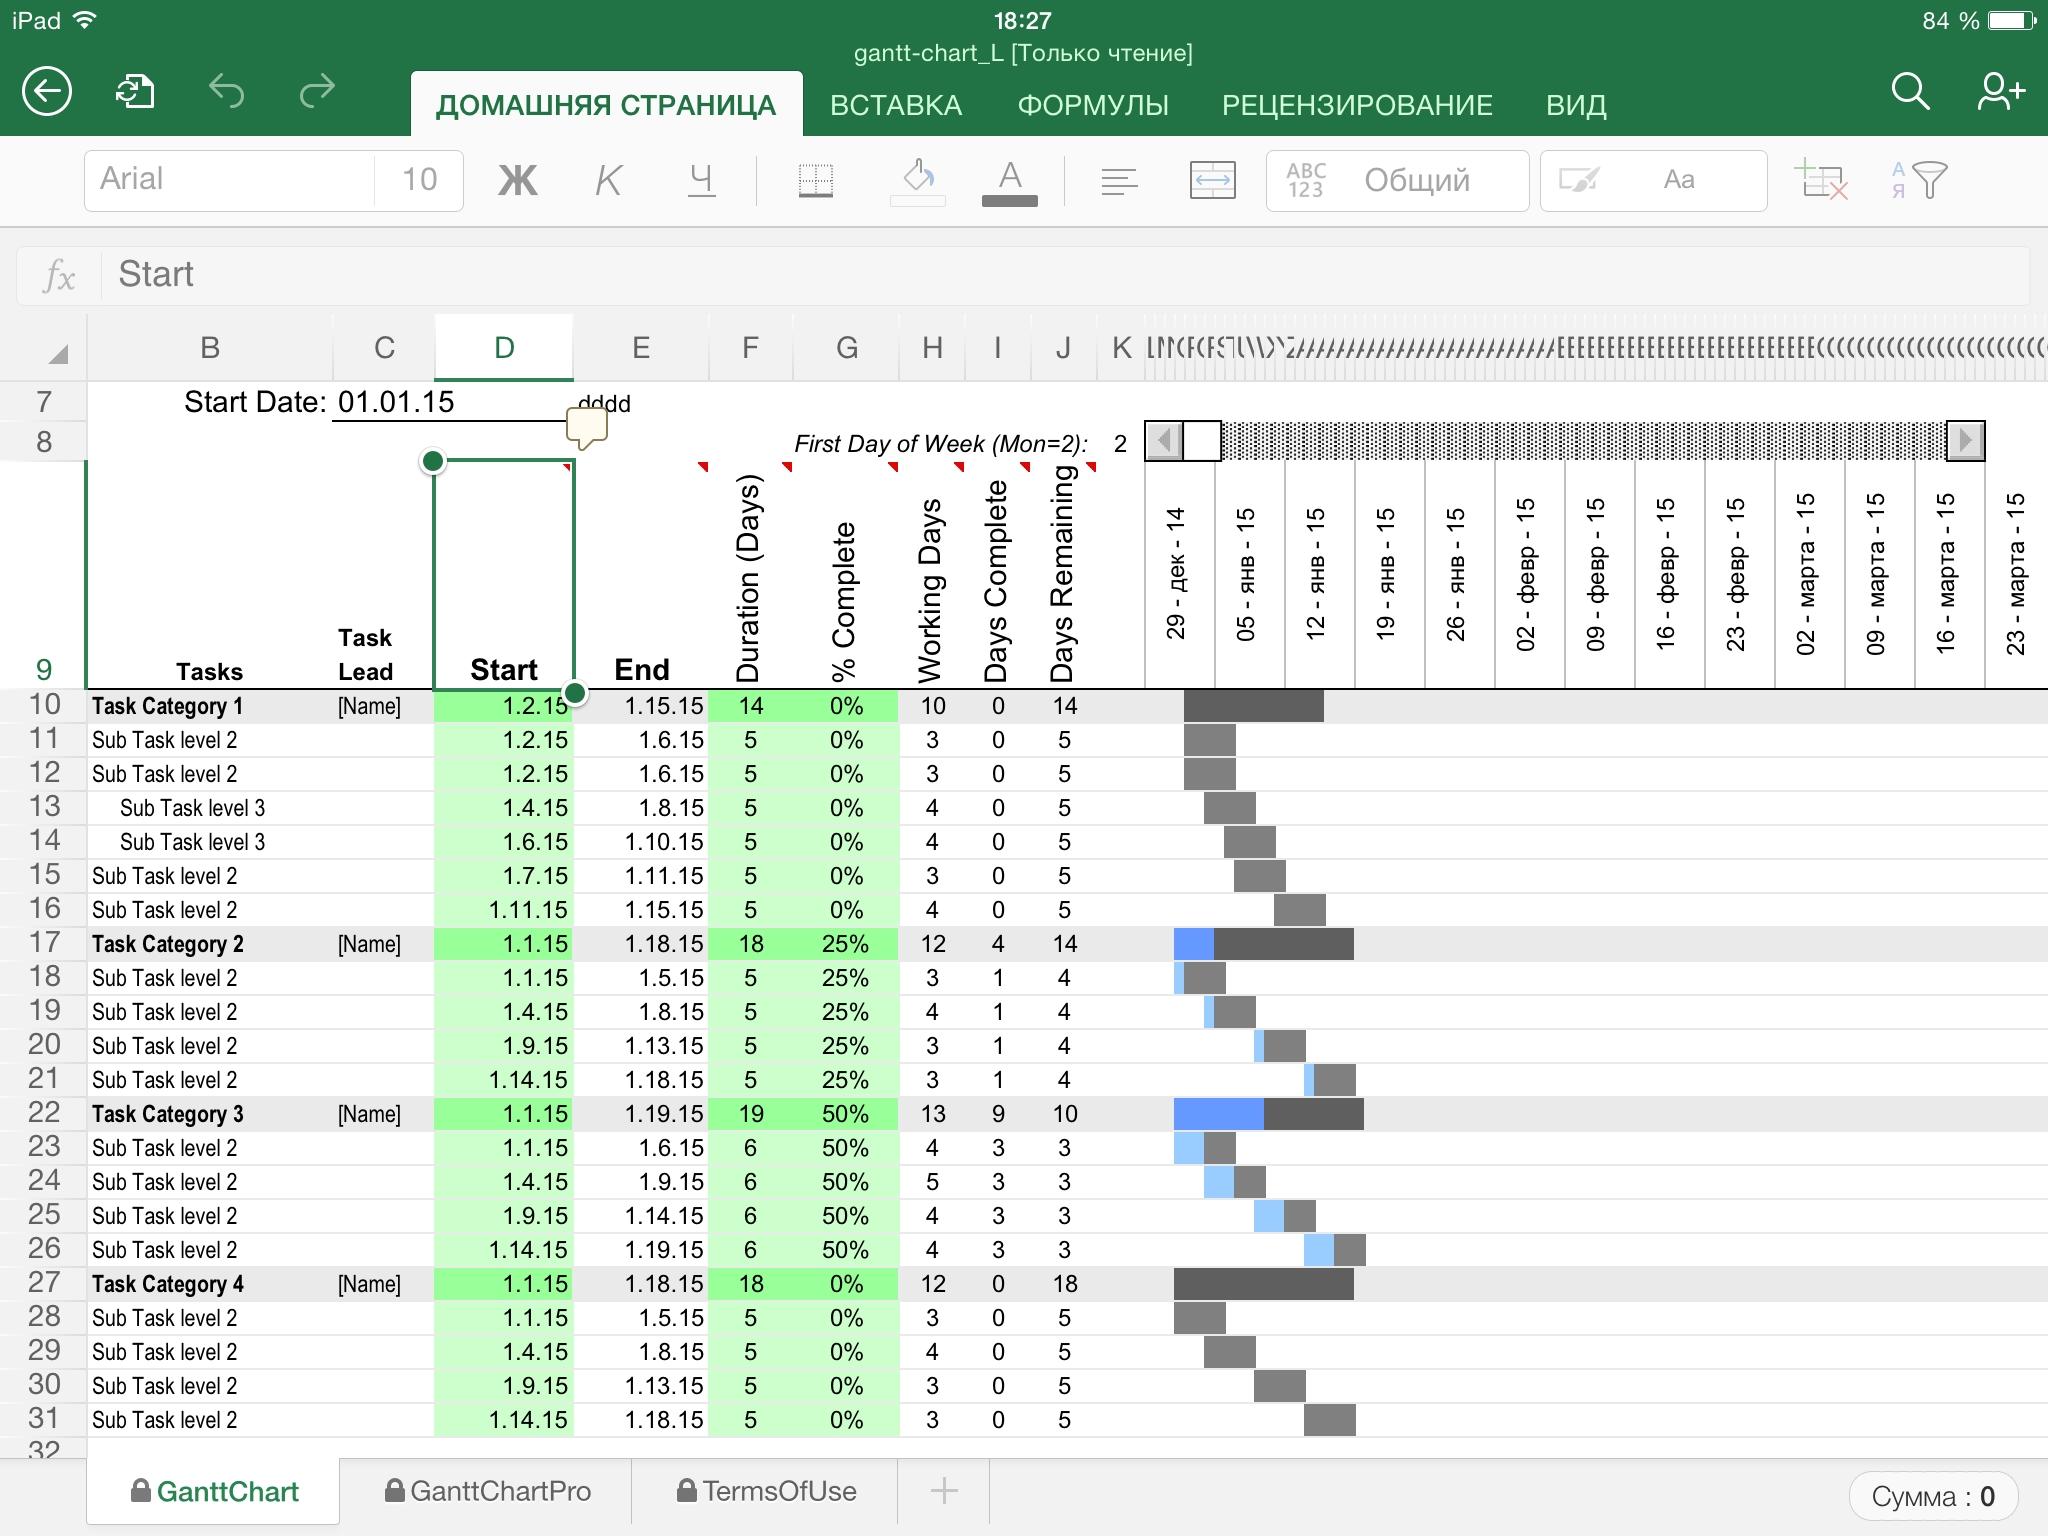 10 Шаблонов Excel, Которые Будут Полезны В Повседневной